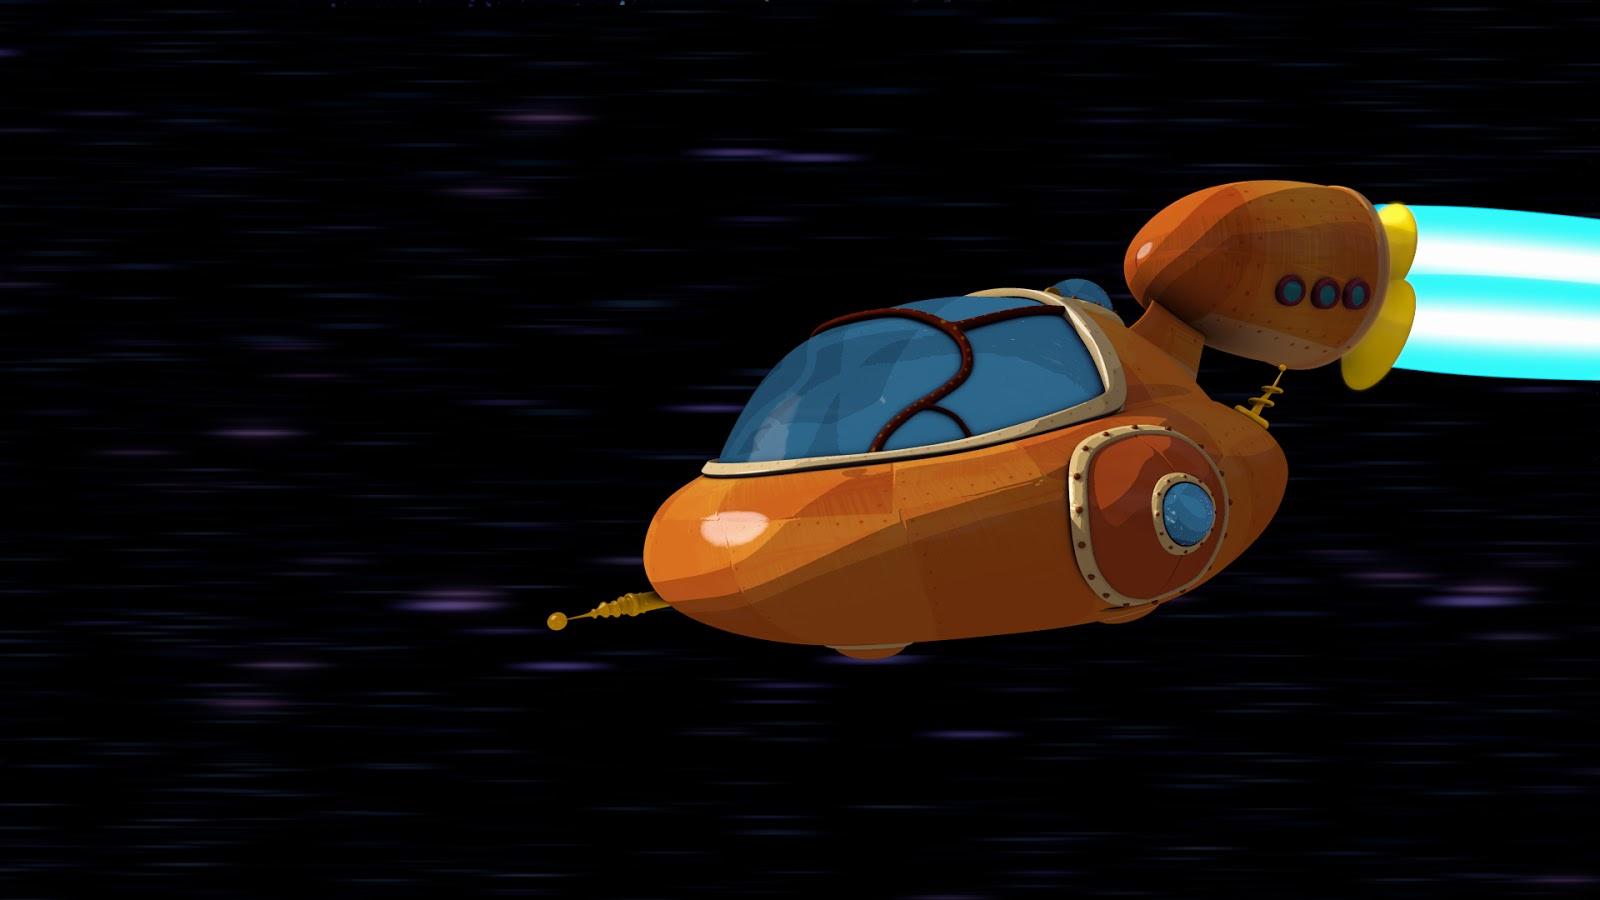 תוצאת תמונה עבור חללית מיקמק